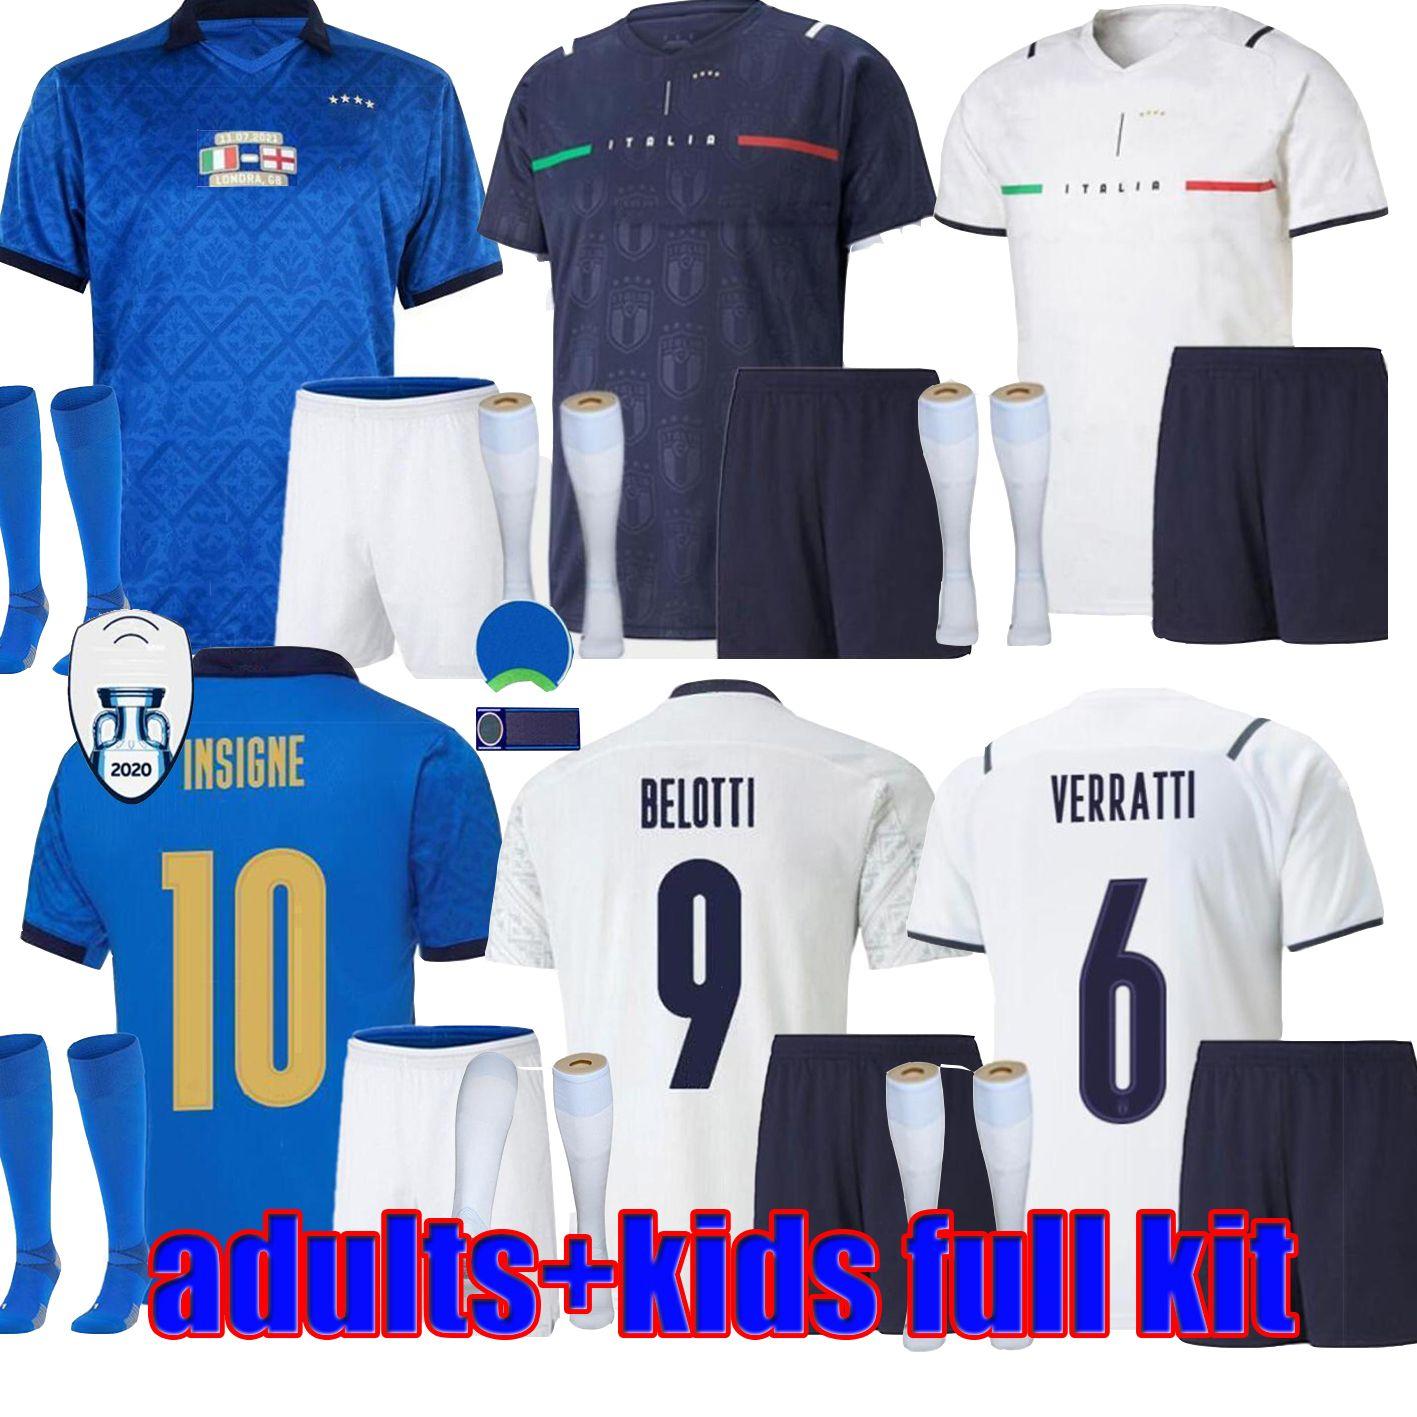 21/22 Italia Soccer Jerseys Italie Barella Sensi Insigne Finale 2021 2122 Champion Européenne Coupe Renaissance Chiellini Bernardeschi Adultes Chemises de football pour enfants